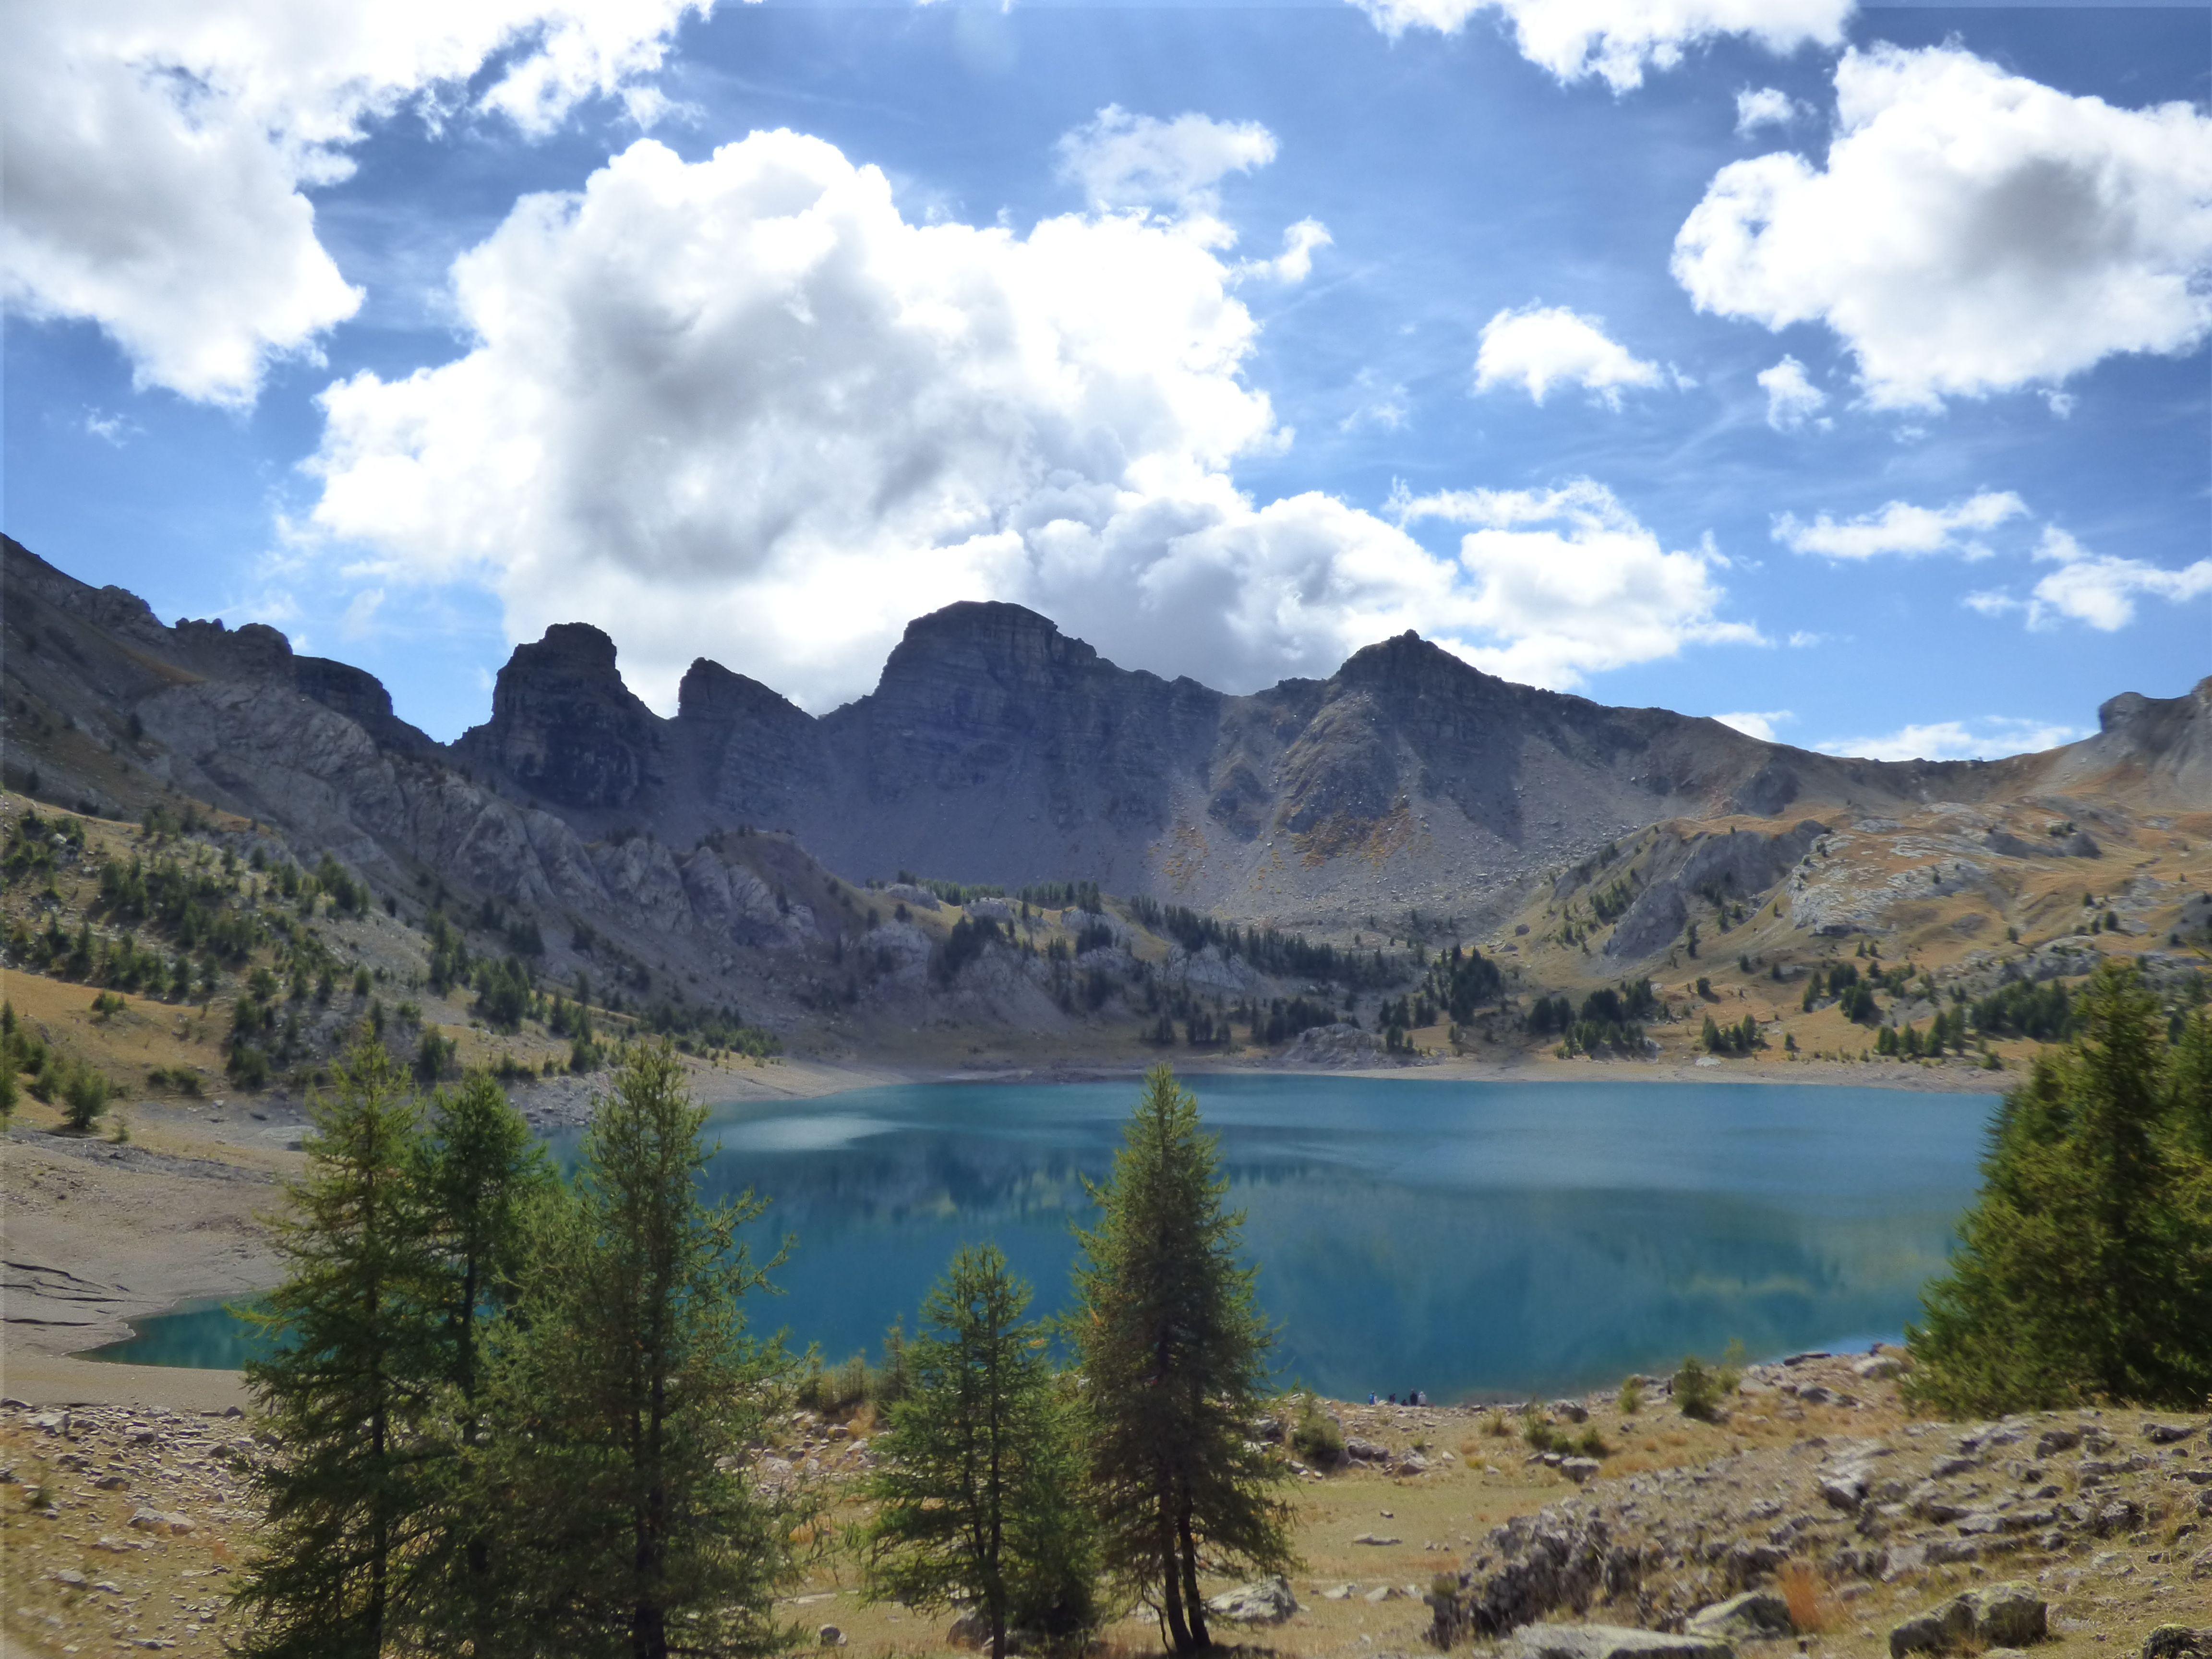 Le lac d'Allos, aux premiers jours de l'automne, dans le parc national du Mercantour  #lacdallos #mercantour